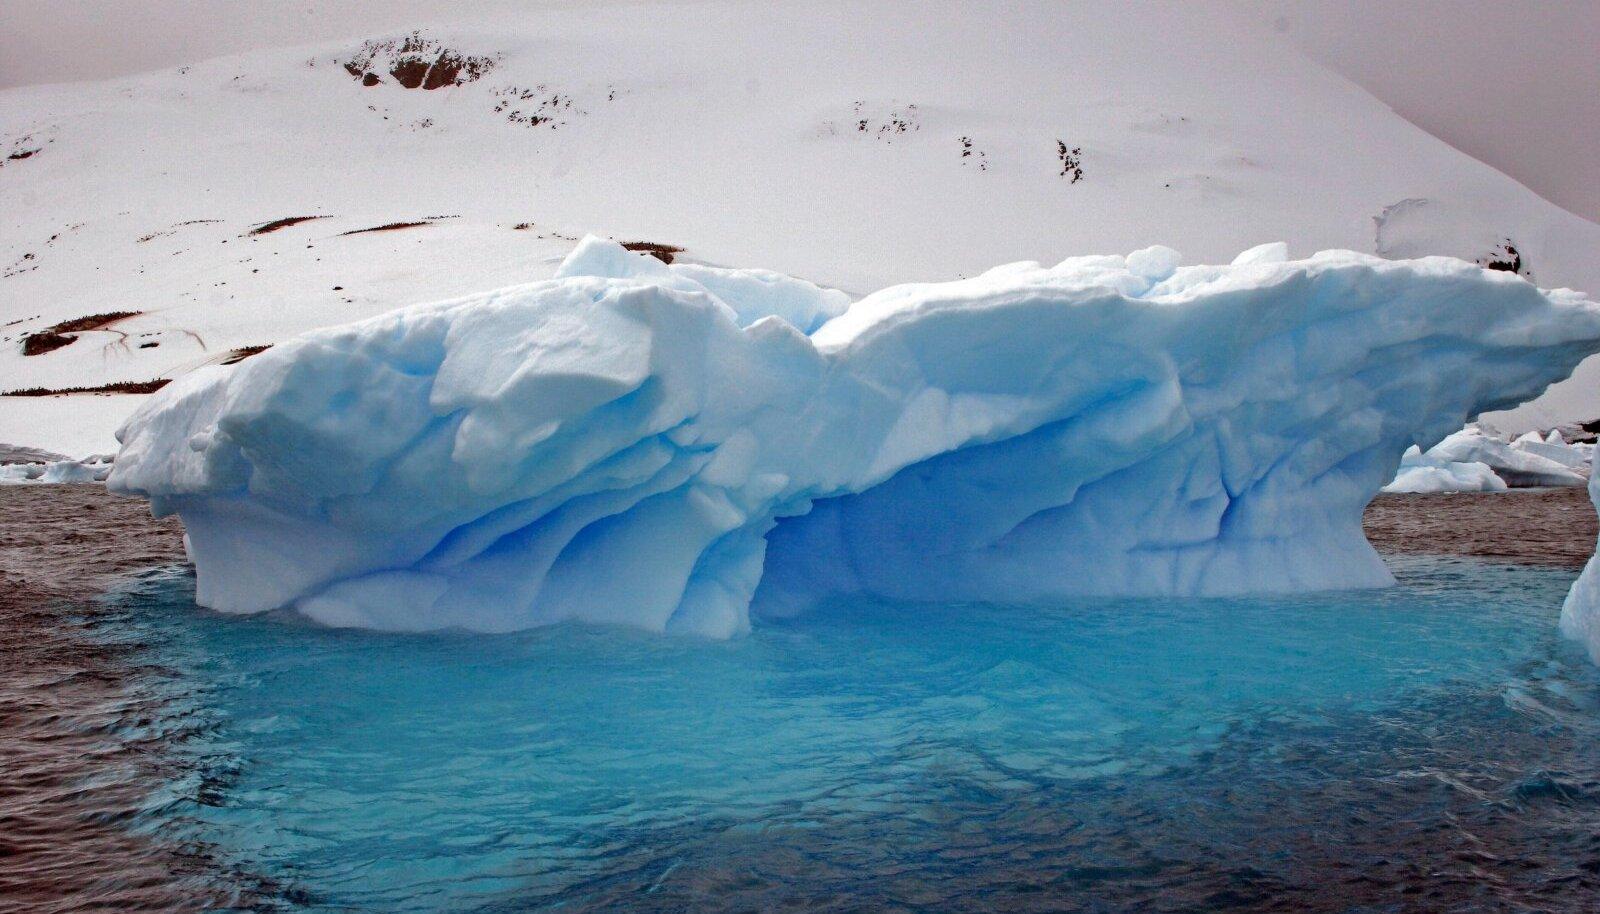 Hinnangute kohaselt on Antarktika keskmine temperatuur viimase poole sajandi jooksul kerkinud pea kolm kraadi.